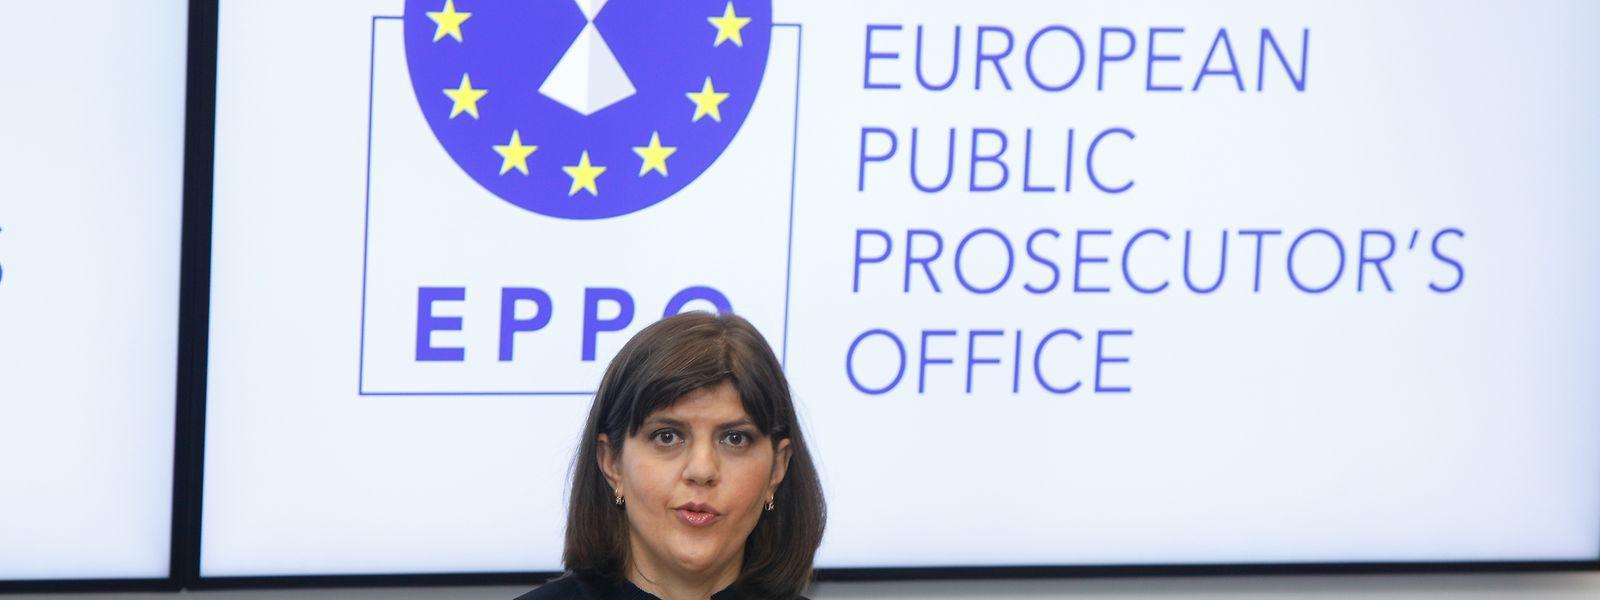 Dirigé par Laura Codruta Kövesi, le parquet européen a ouvert au cours de ses trois premiers mois d'activité 300 enquêtes. Soit un dixième des 3.000 dossiers qui devraient être traités au cours de sa première année d'activité.